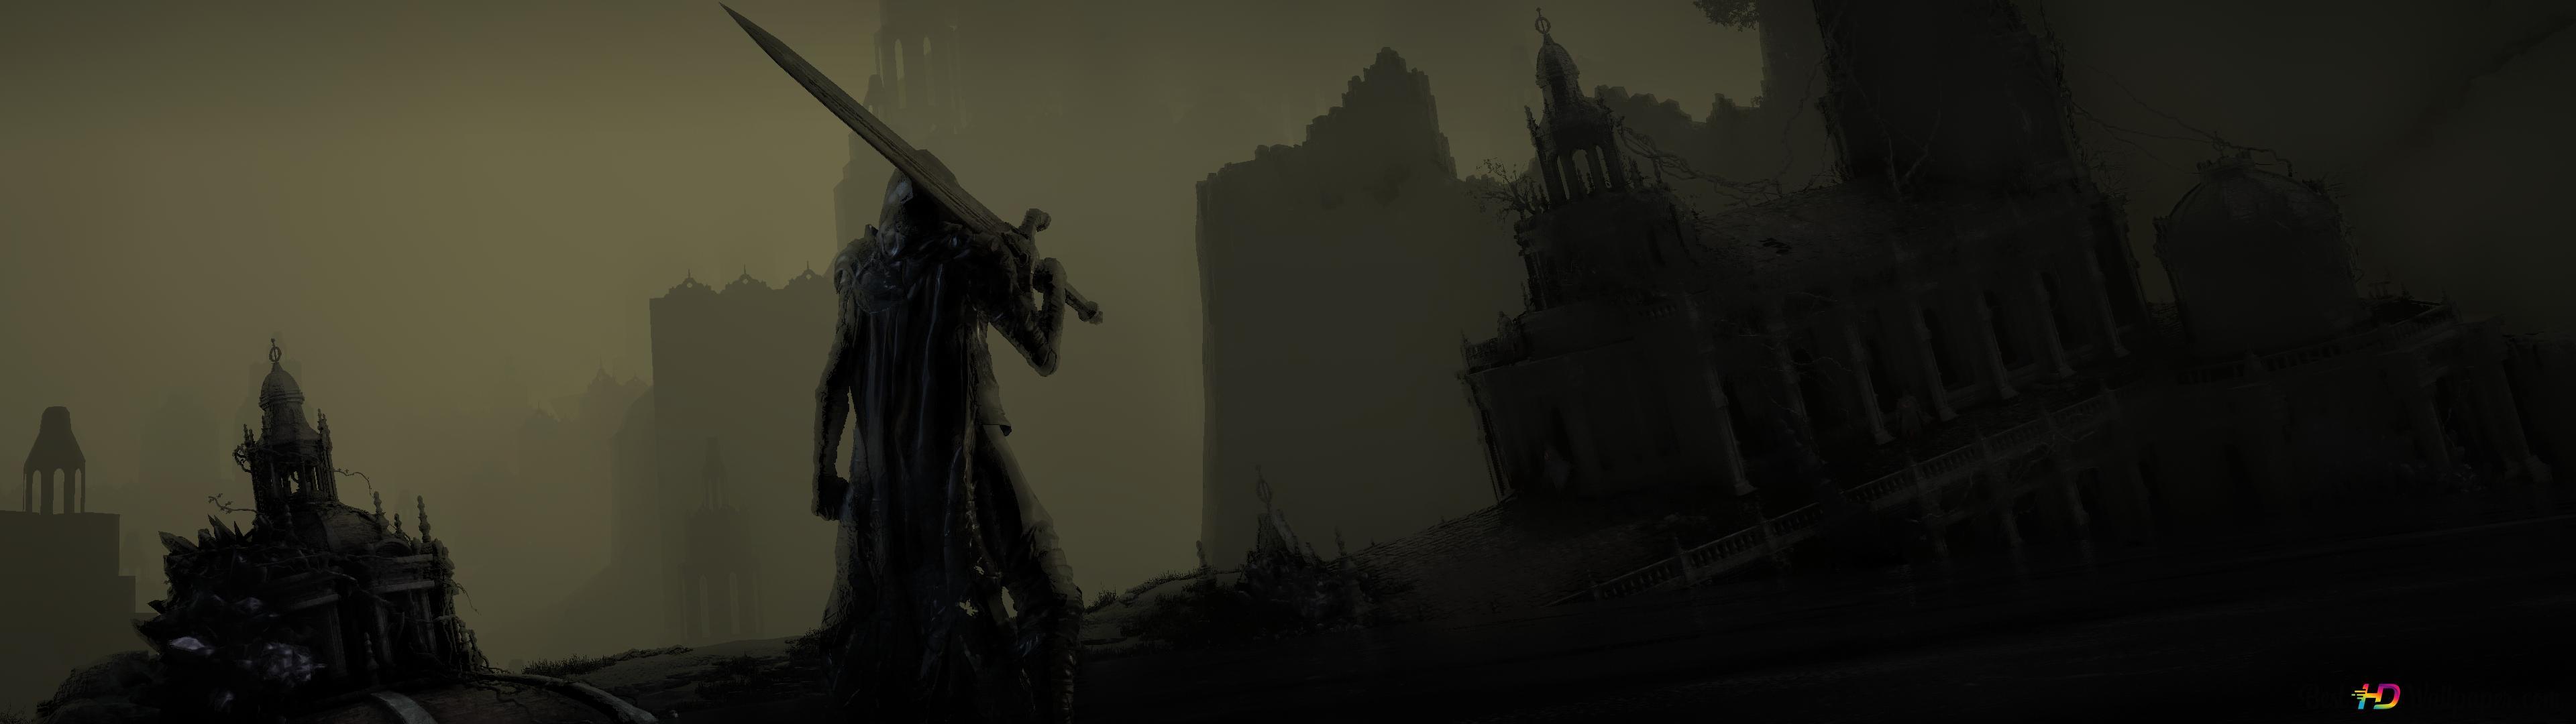 dark souls iii HD wallpaper download